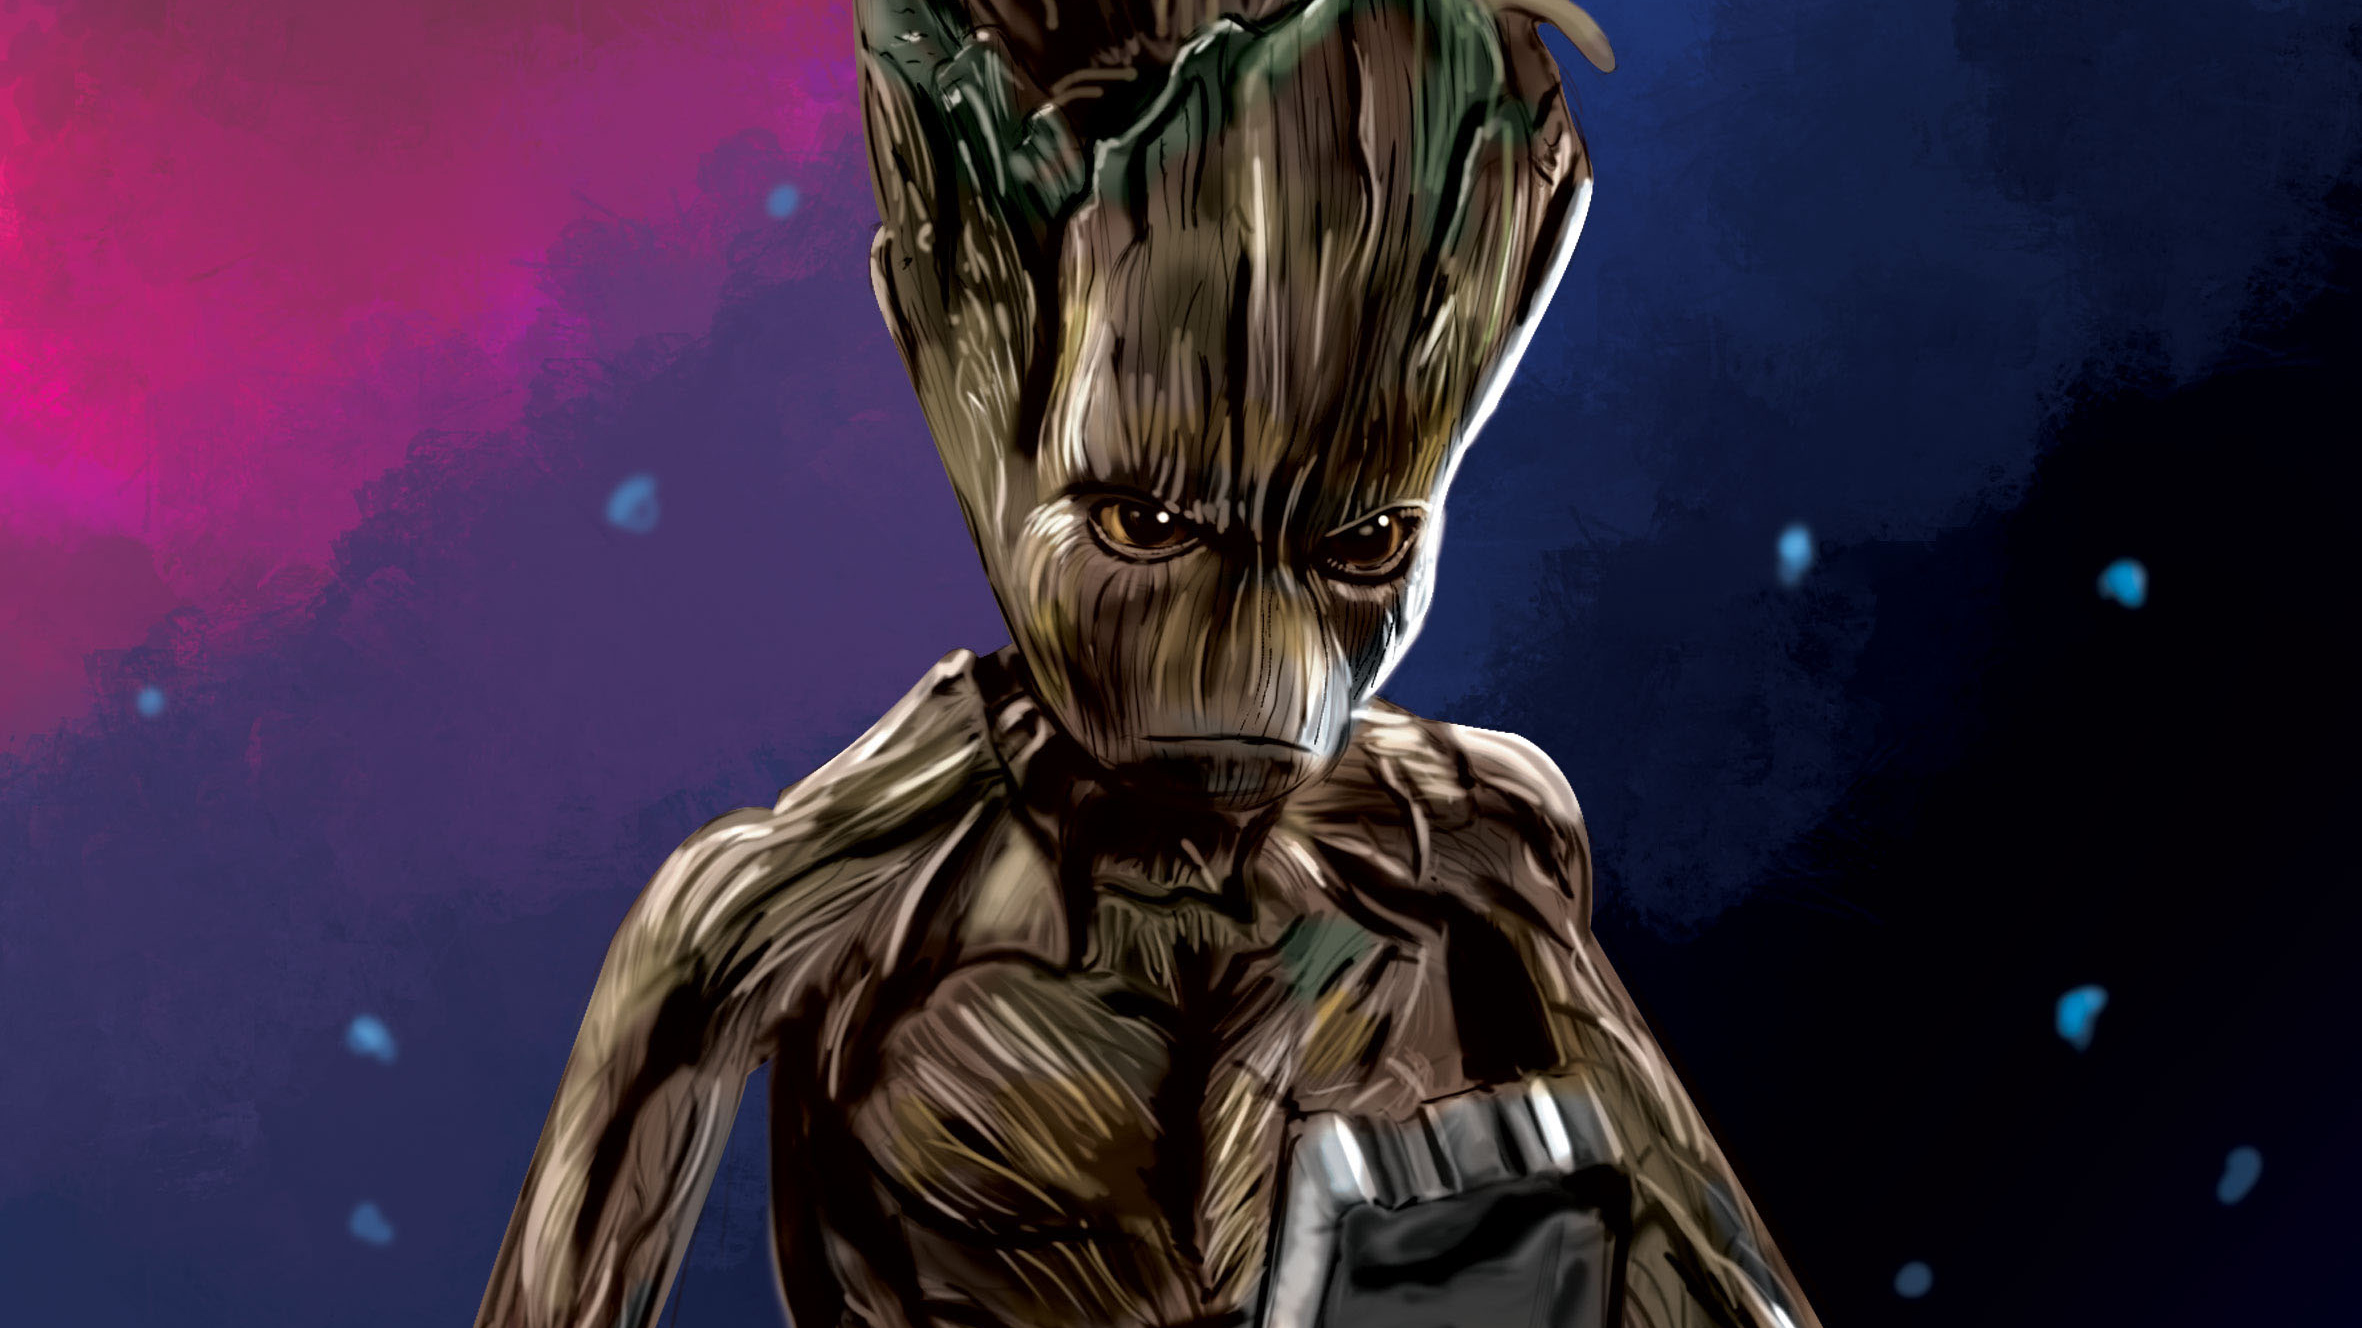 Baby Groot Hd Superheroes 4k Wallpapers Images